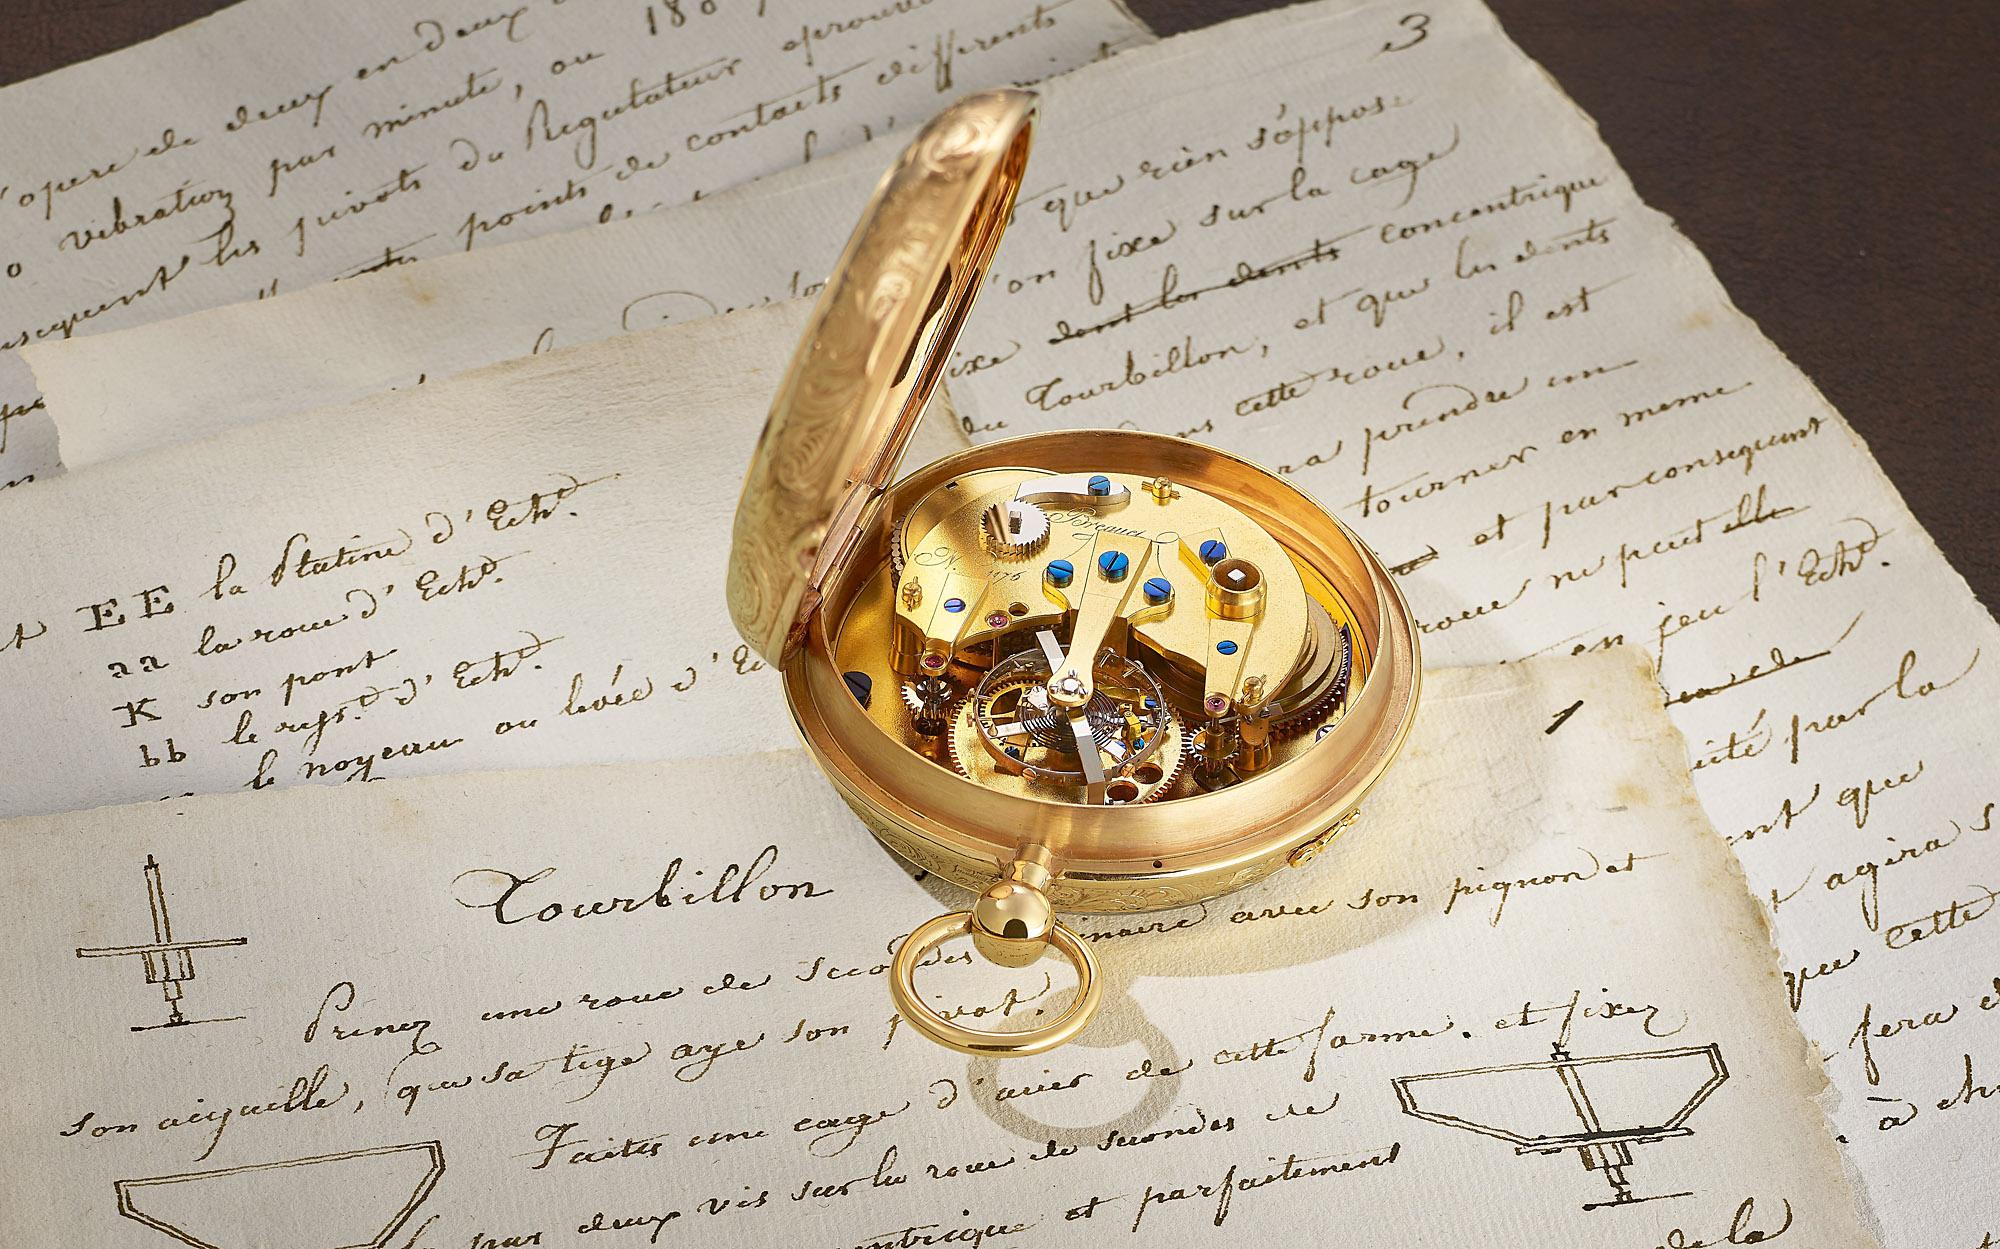 Breguet Pocket Watch Tourbillon No. 1176 natural escapement